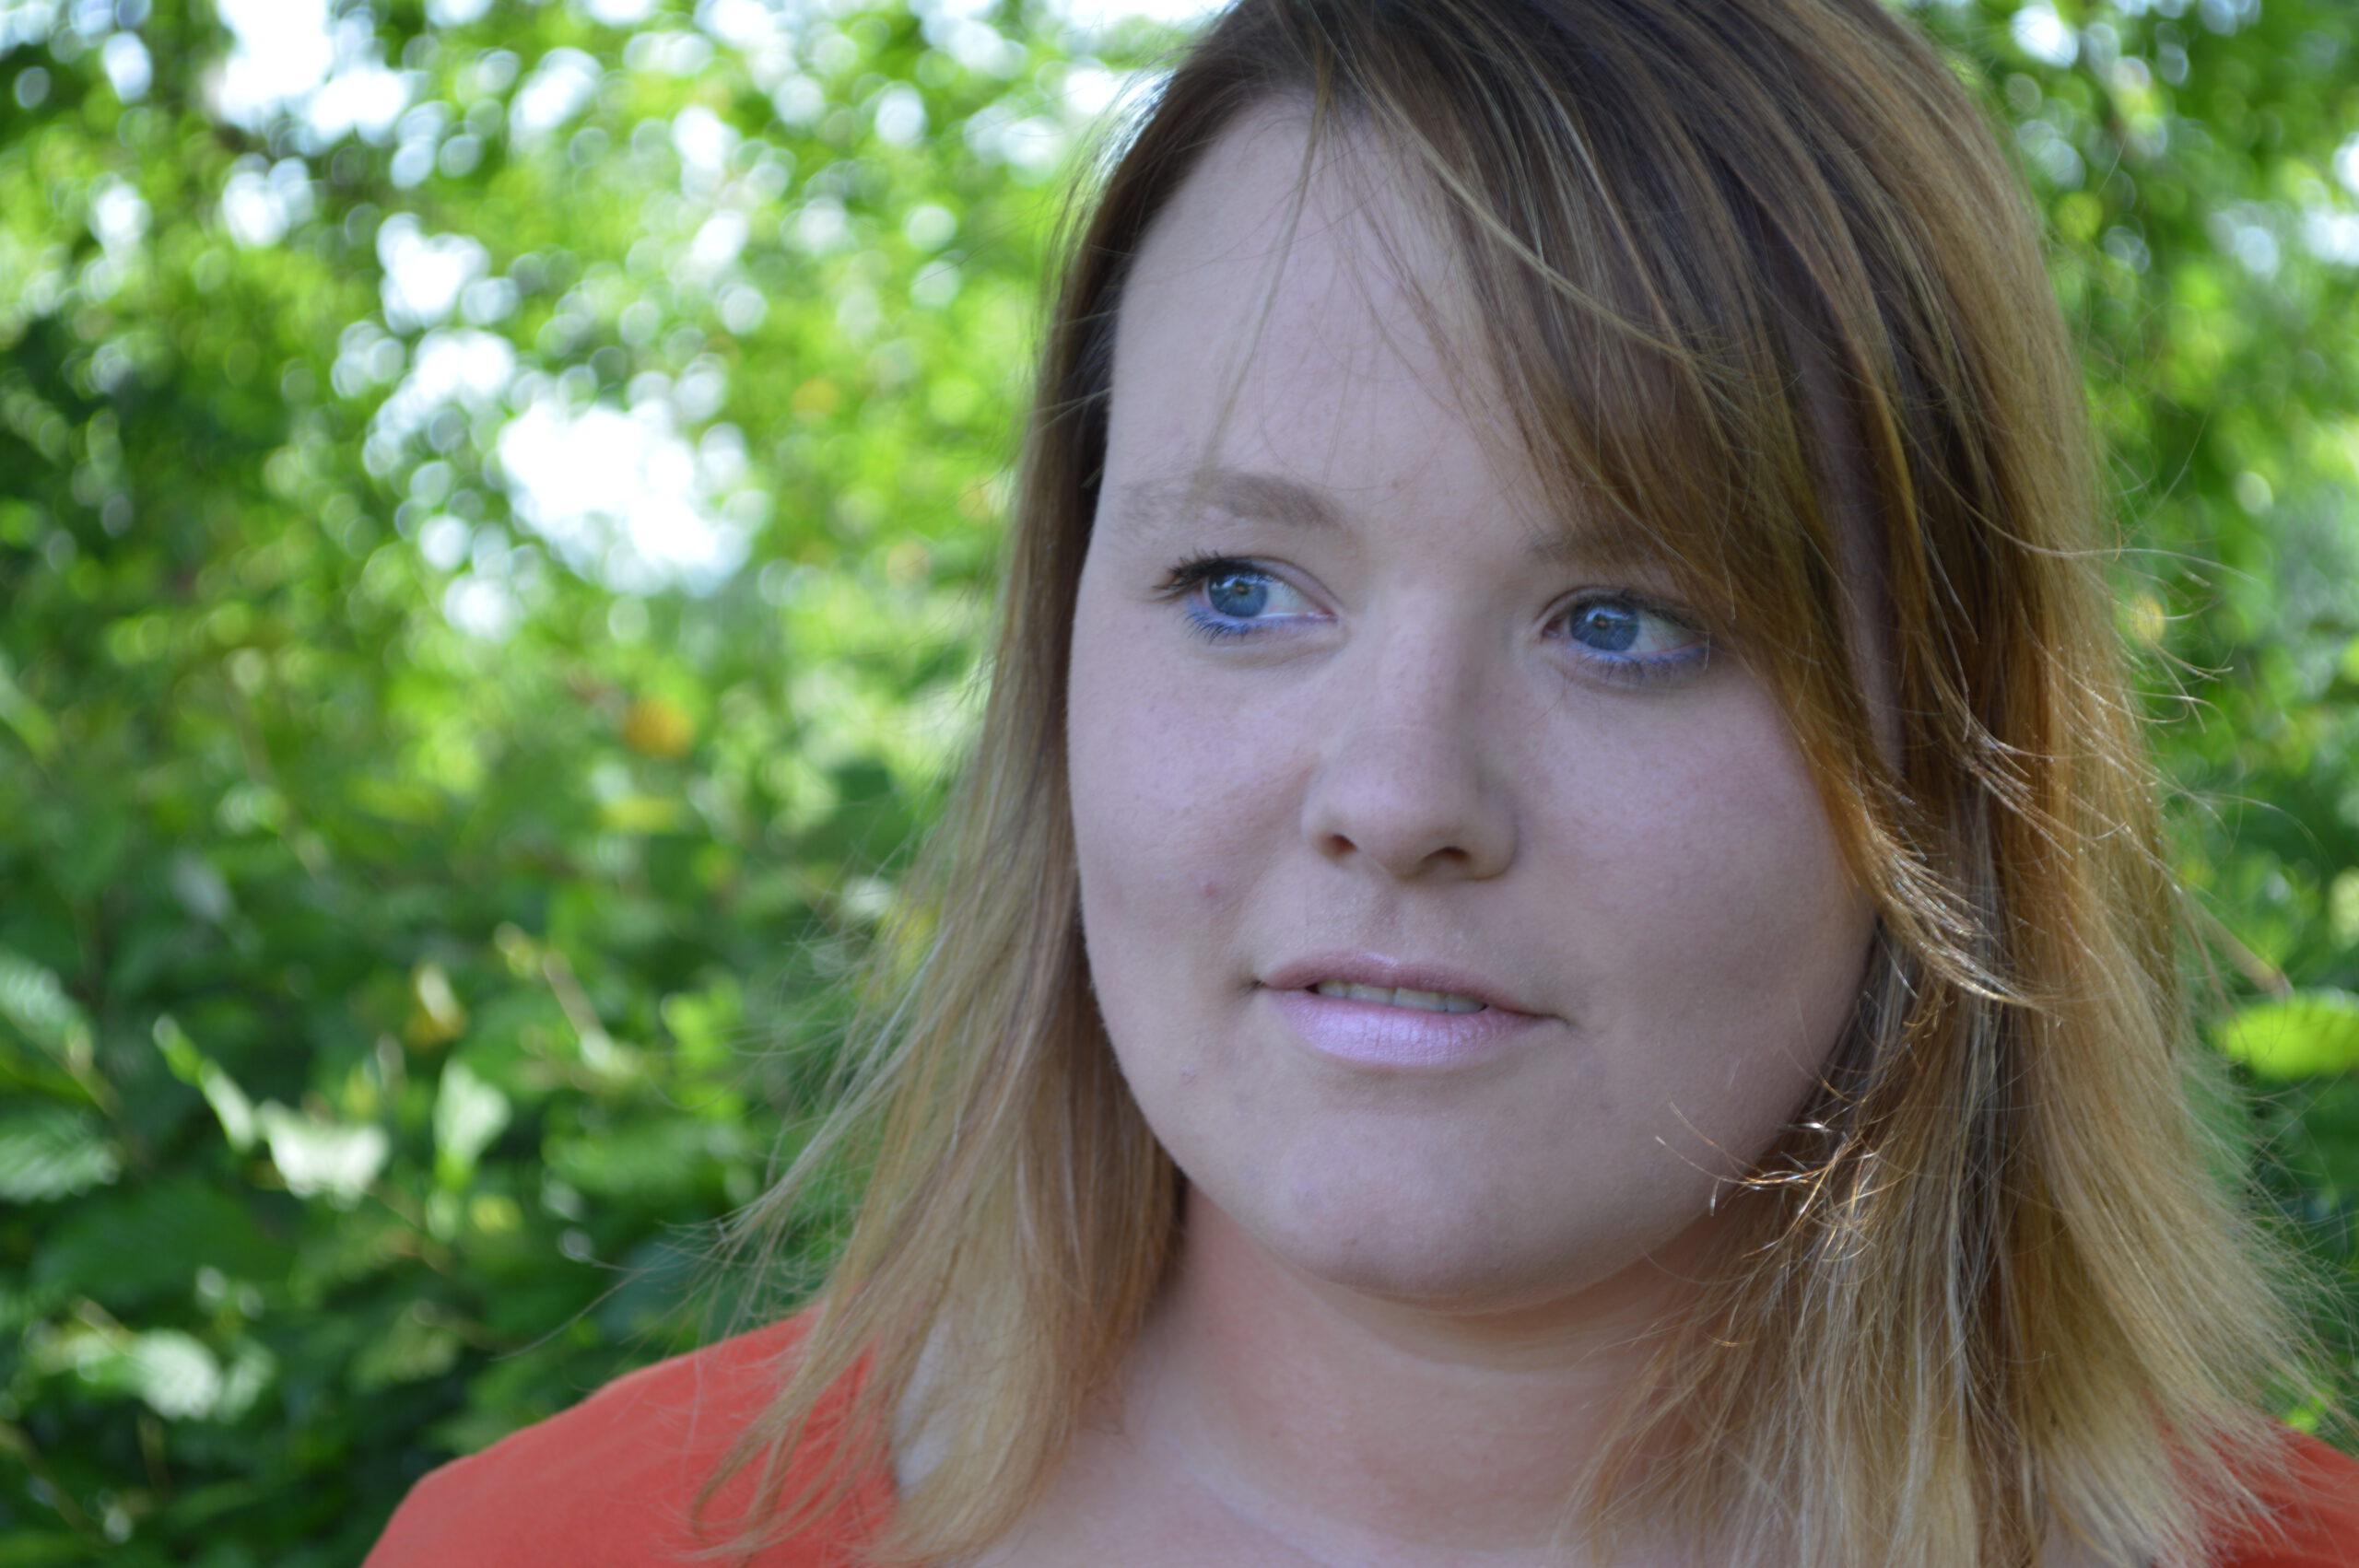 Maren Huskamp